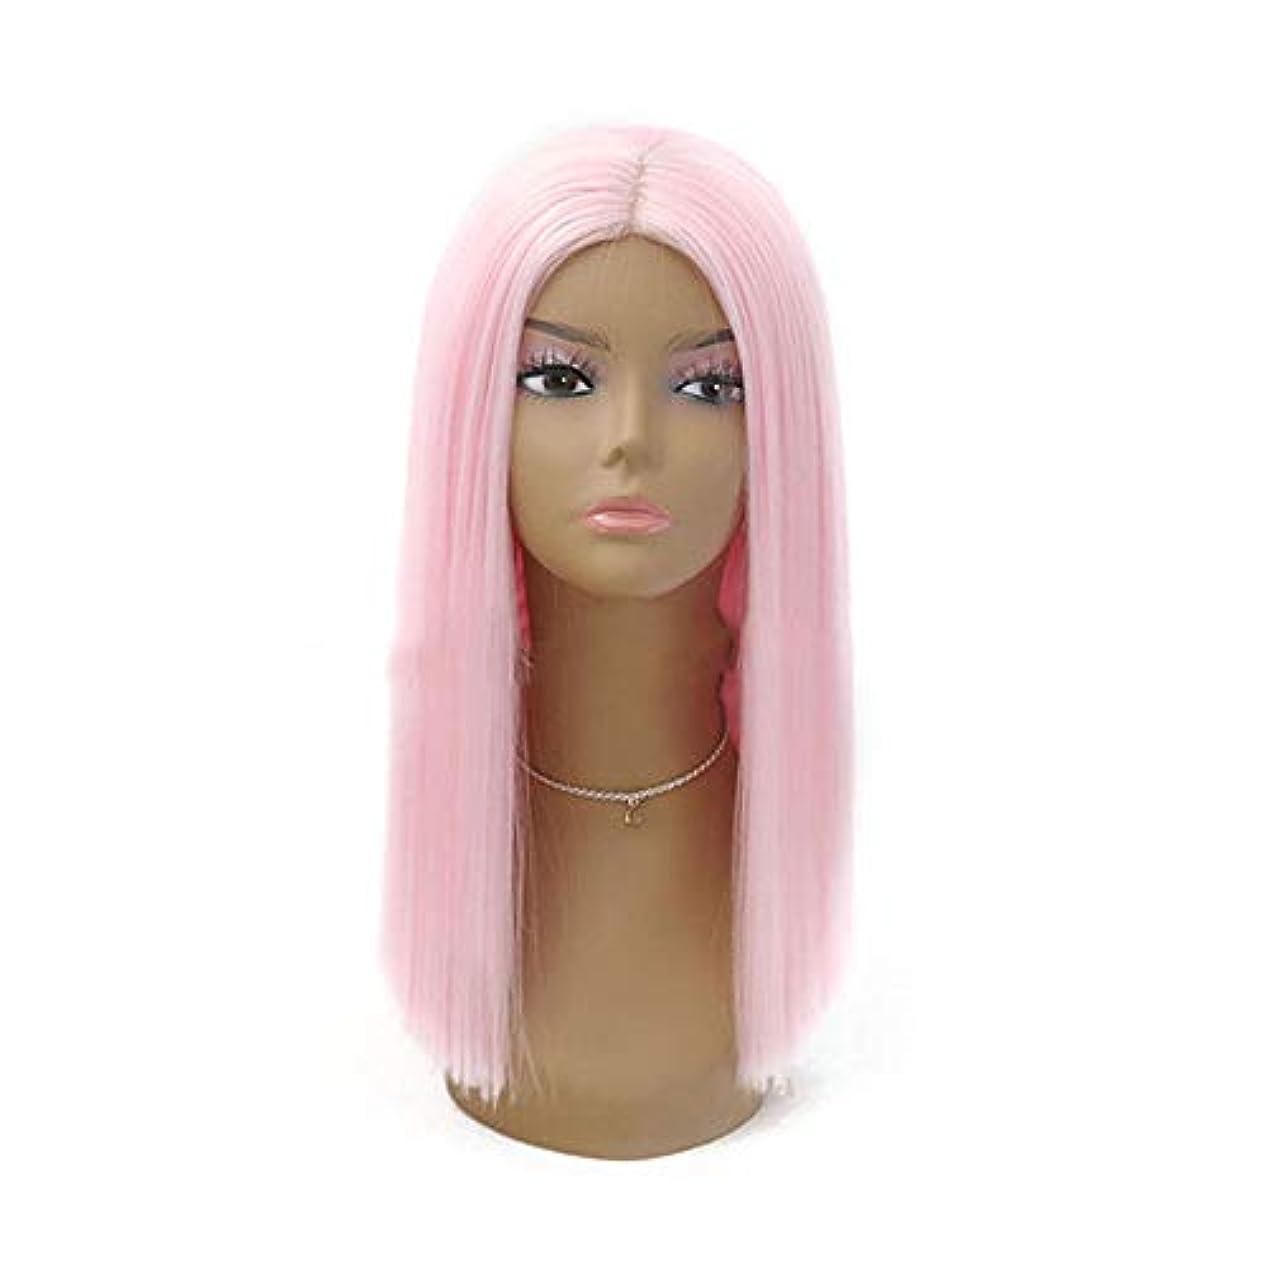 一族トリム不完全YOUQIU フロントレースウィッグ、女性の化学繊維の髪、ライトピンクボブ、中東バックル、ロングヘアウィッグウィッグ (色 : Light pink, サイズ : 20 inch)